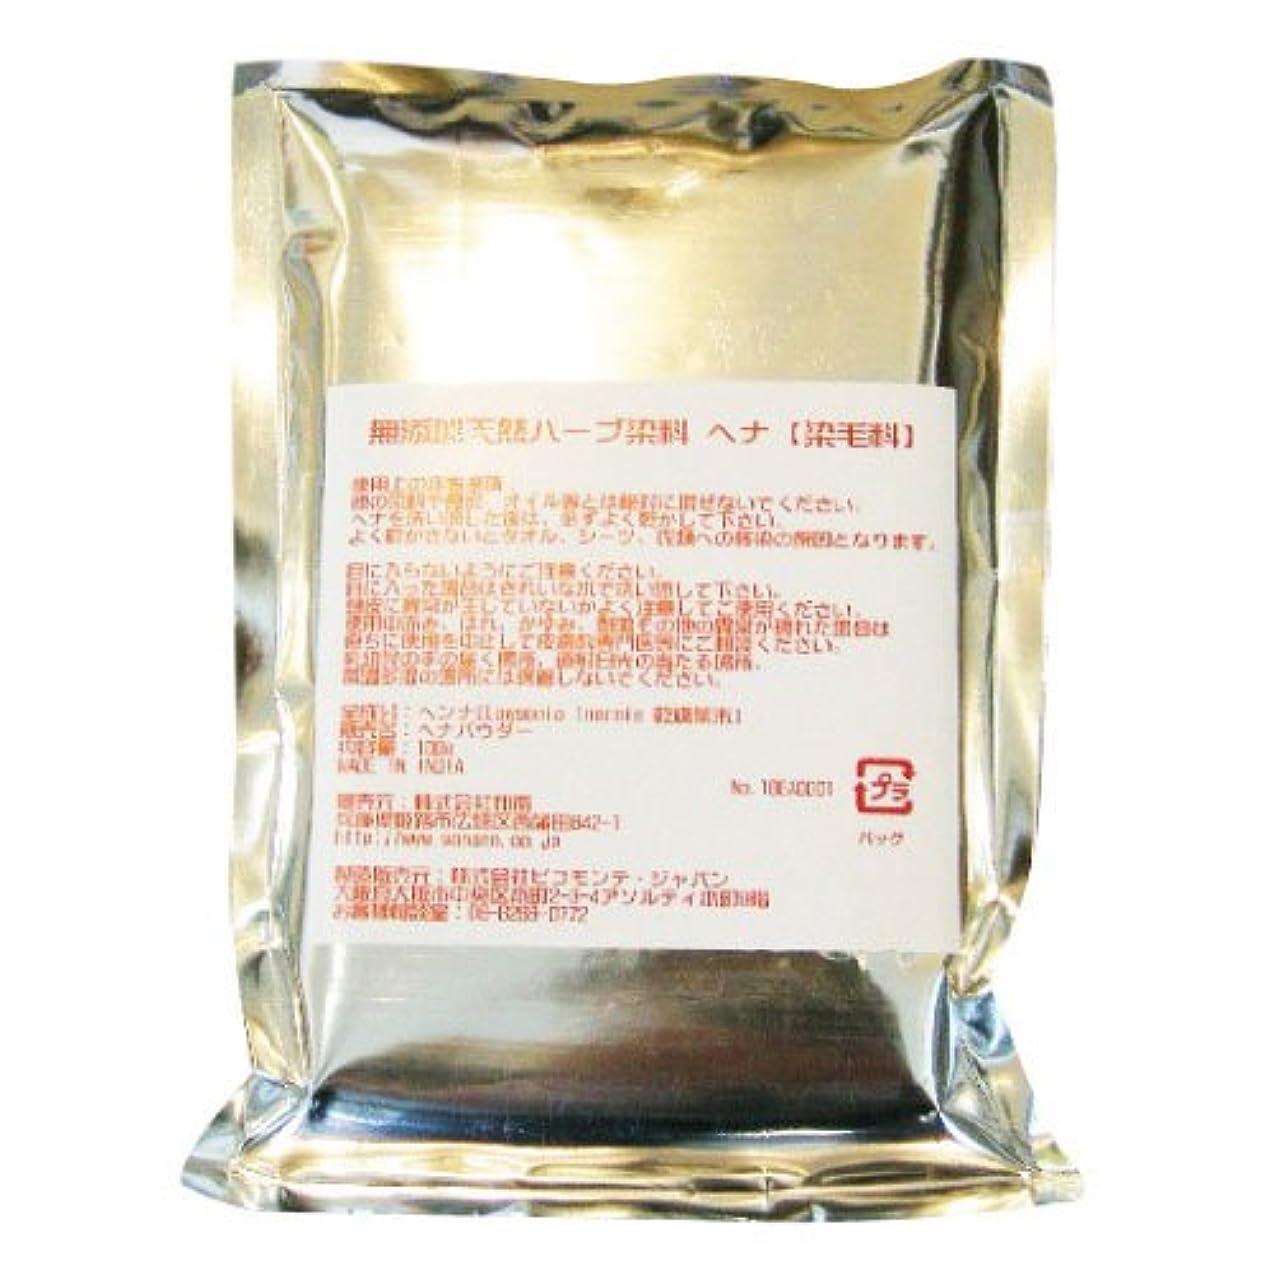 テンション切手アーサー無添加天然ハーブ染料【染毛料】ヘナ 100g×5(計500g)